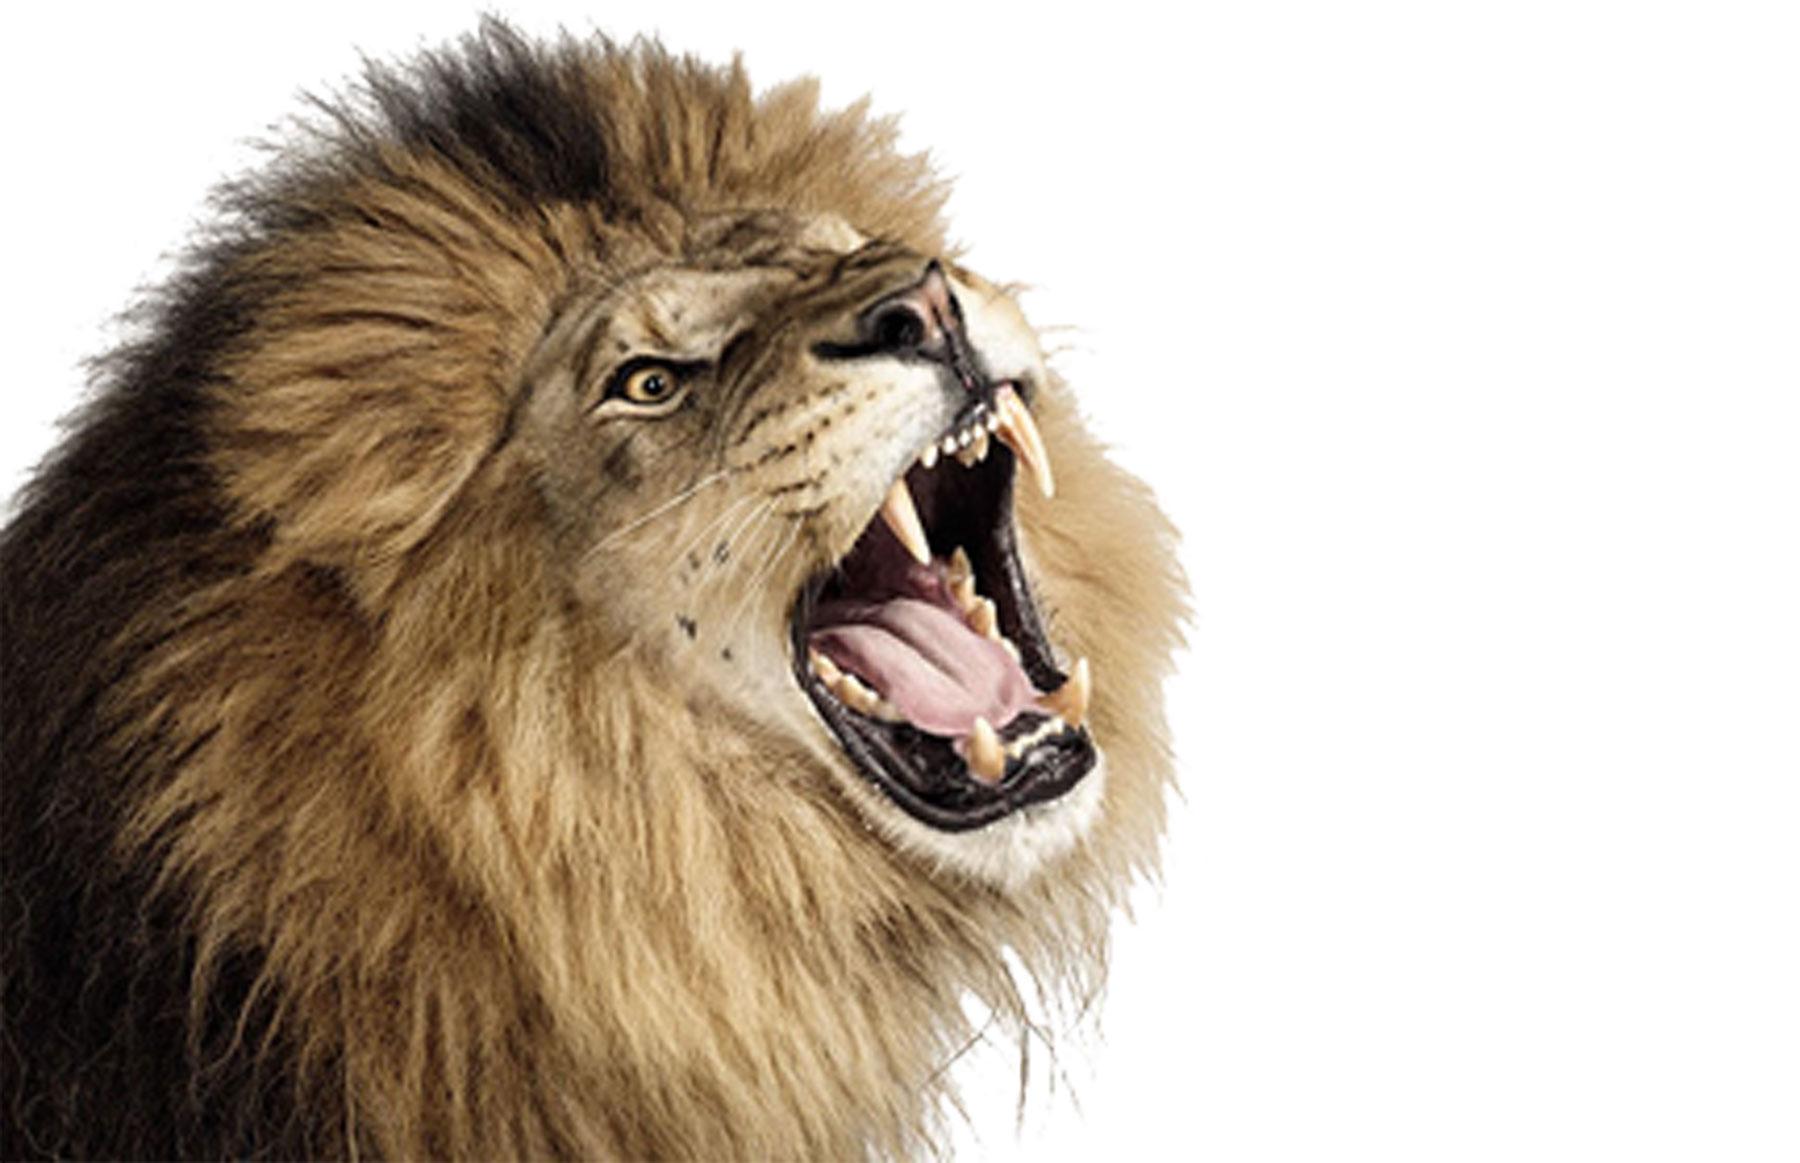 South Africa safari tourist pats lion through car window